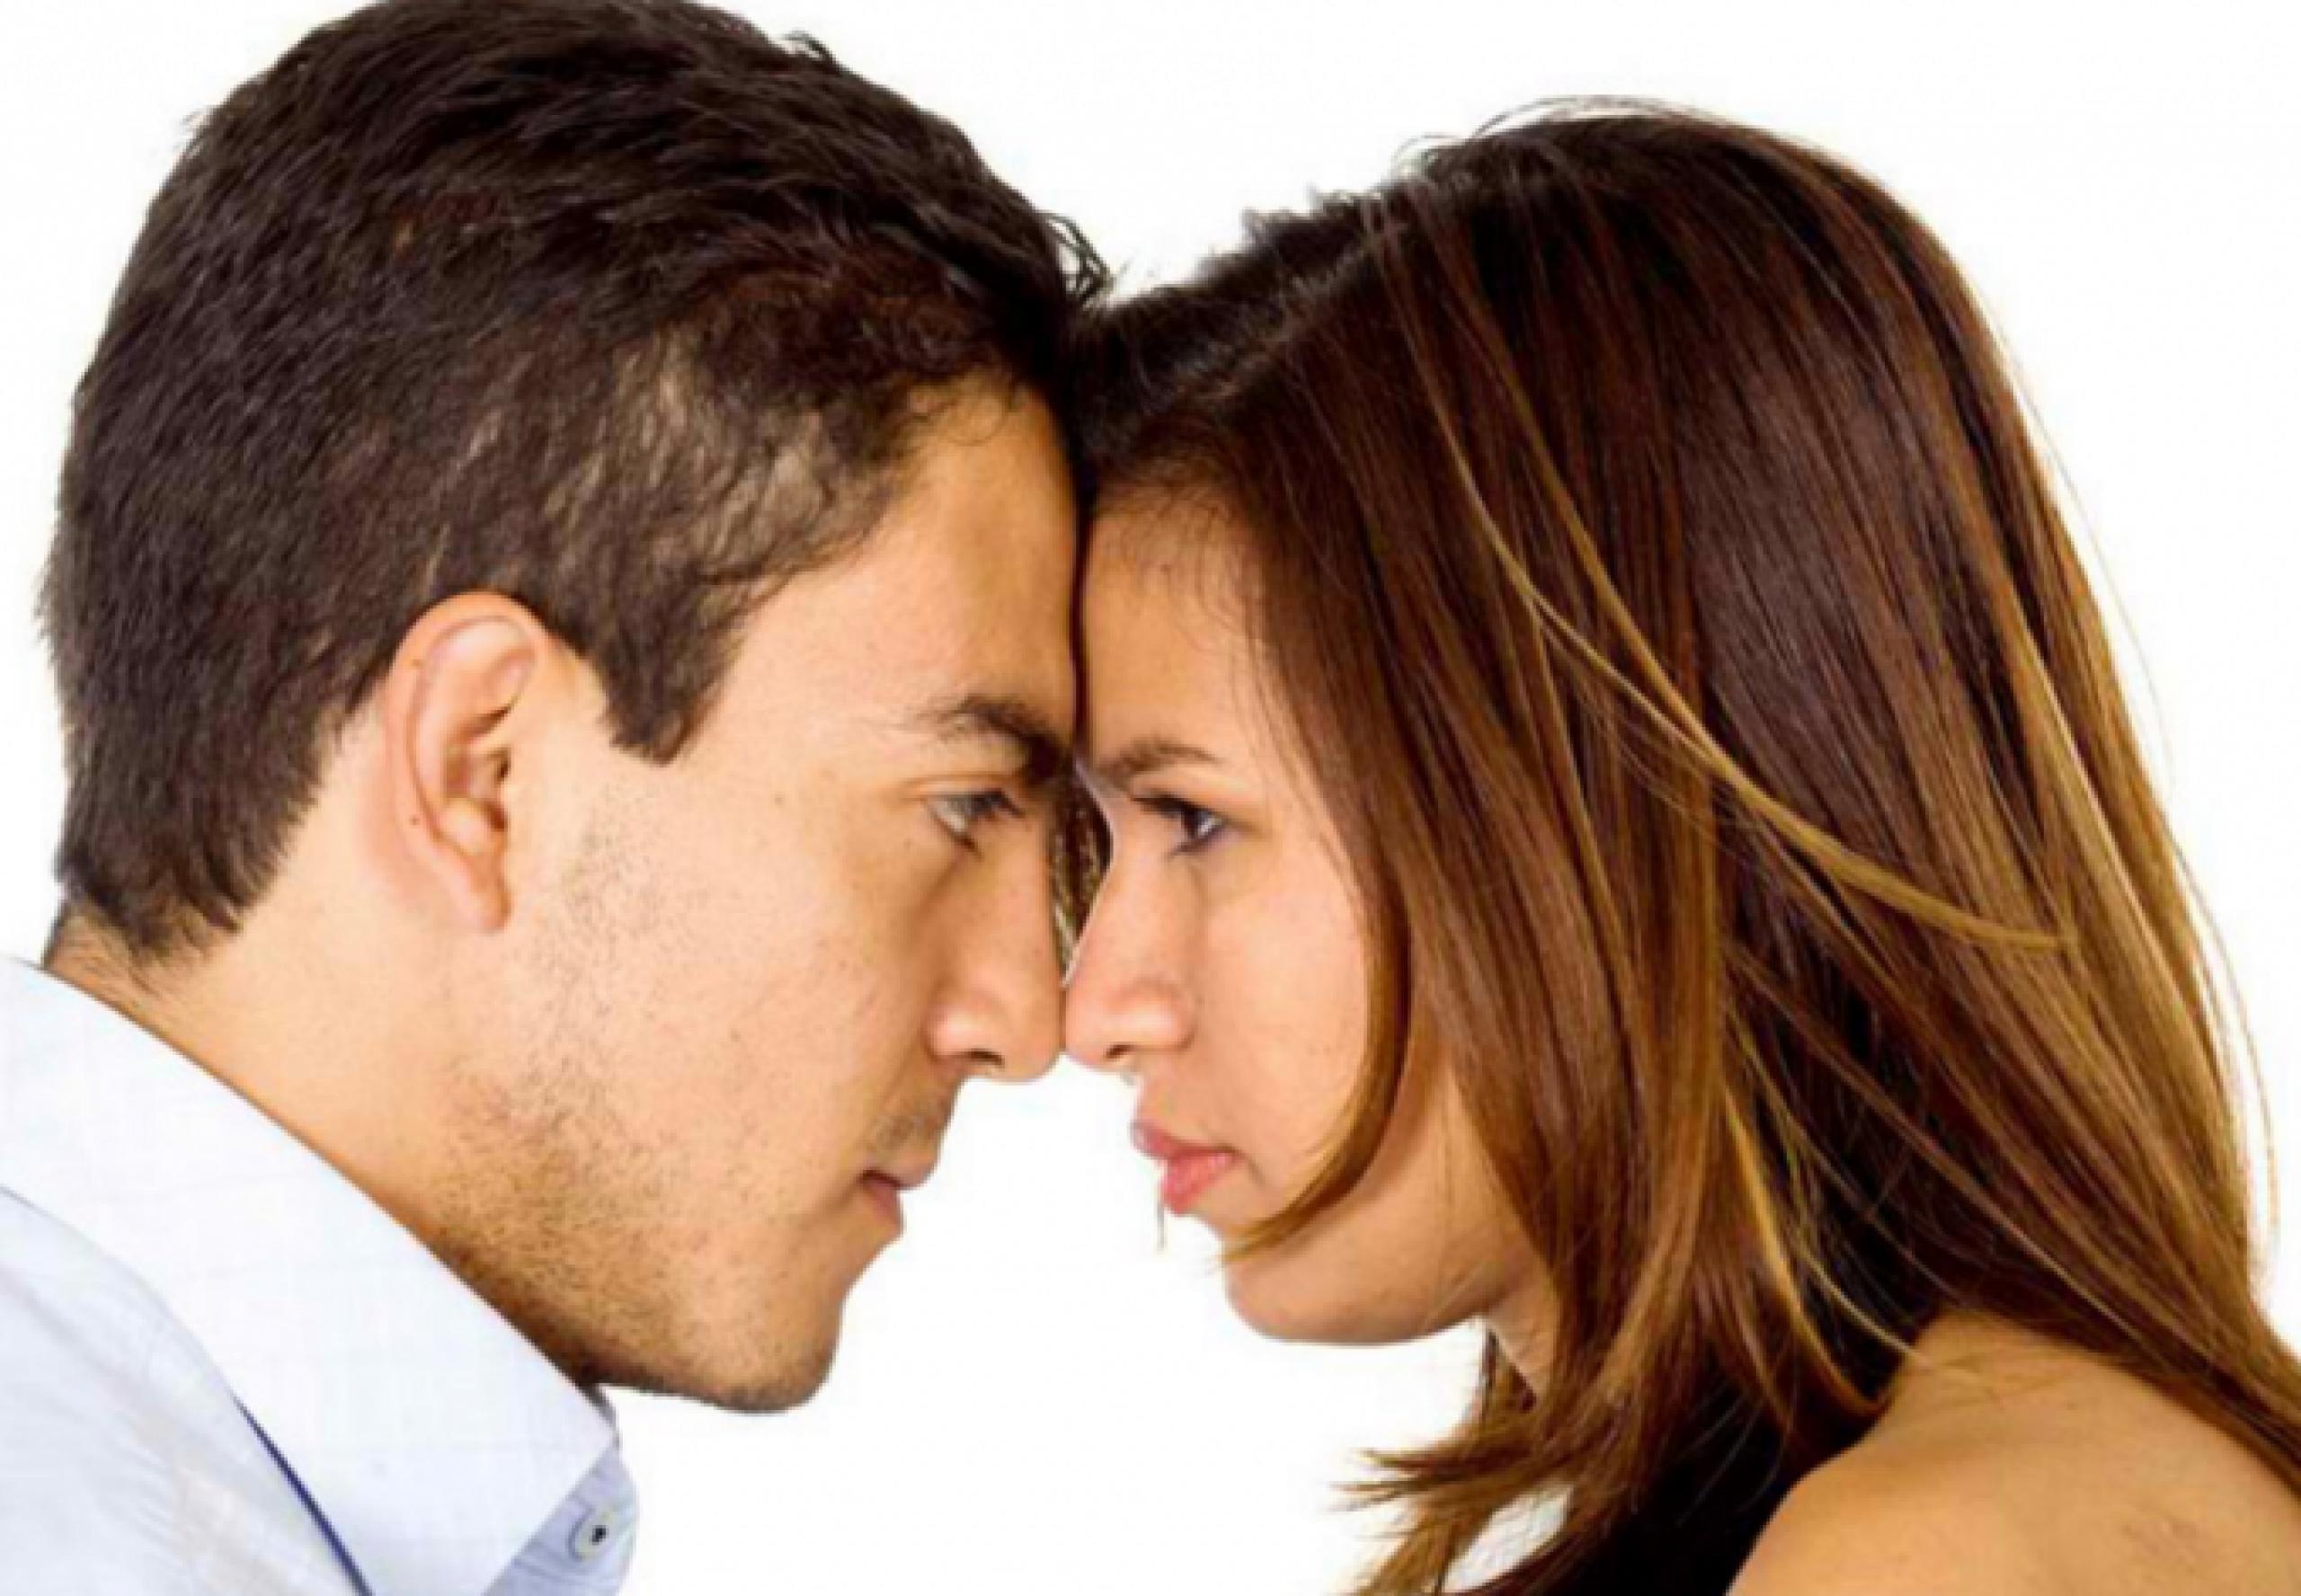 Отношения между мужчиной и женщиной: как вести себя